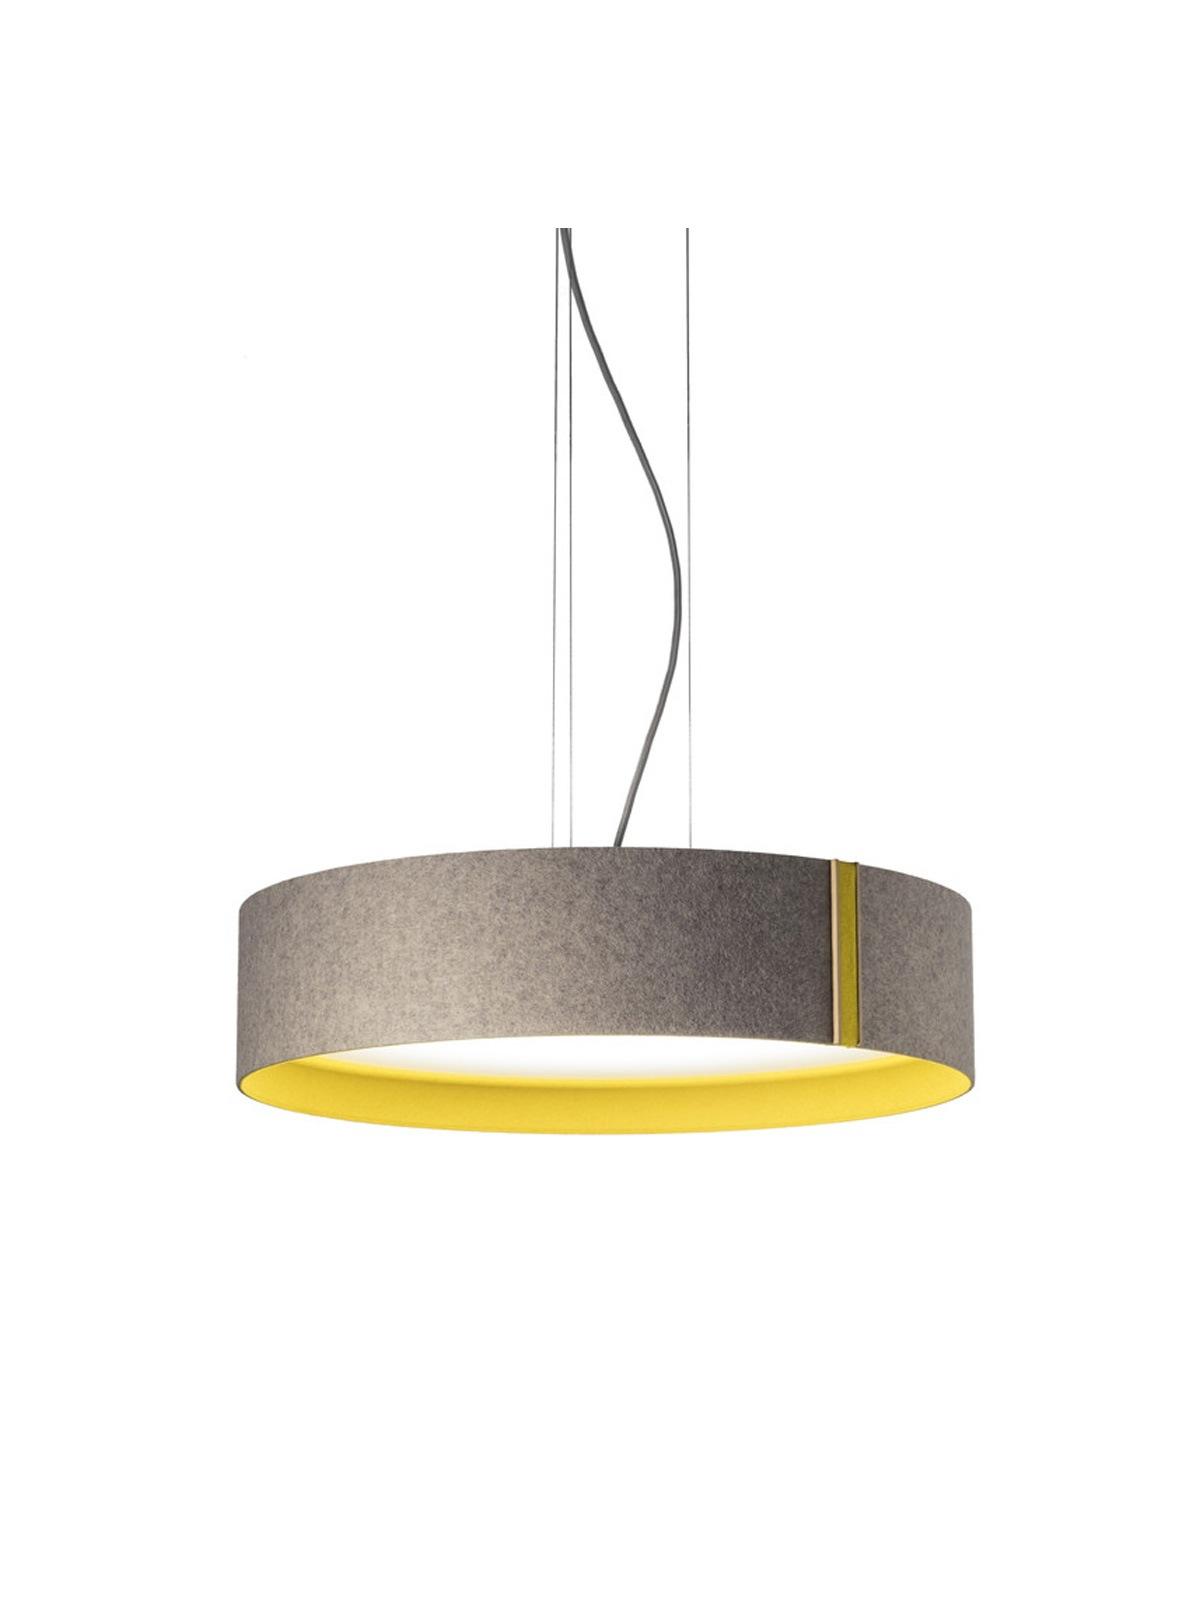 DesignOrt Onlineshop Lampen Laralfelt M Filz Leuchte Domus Licht